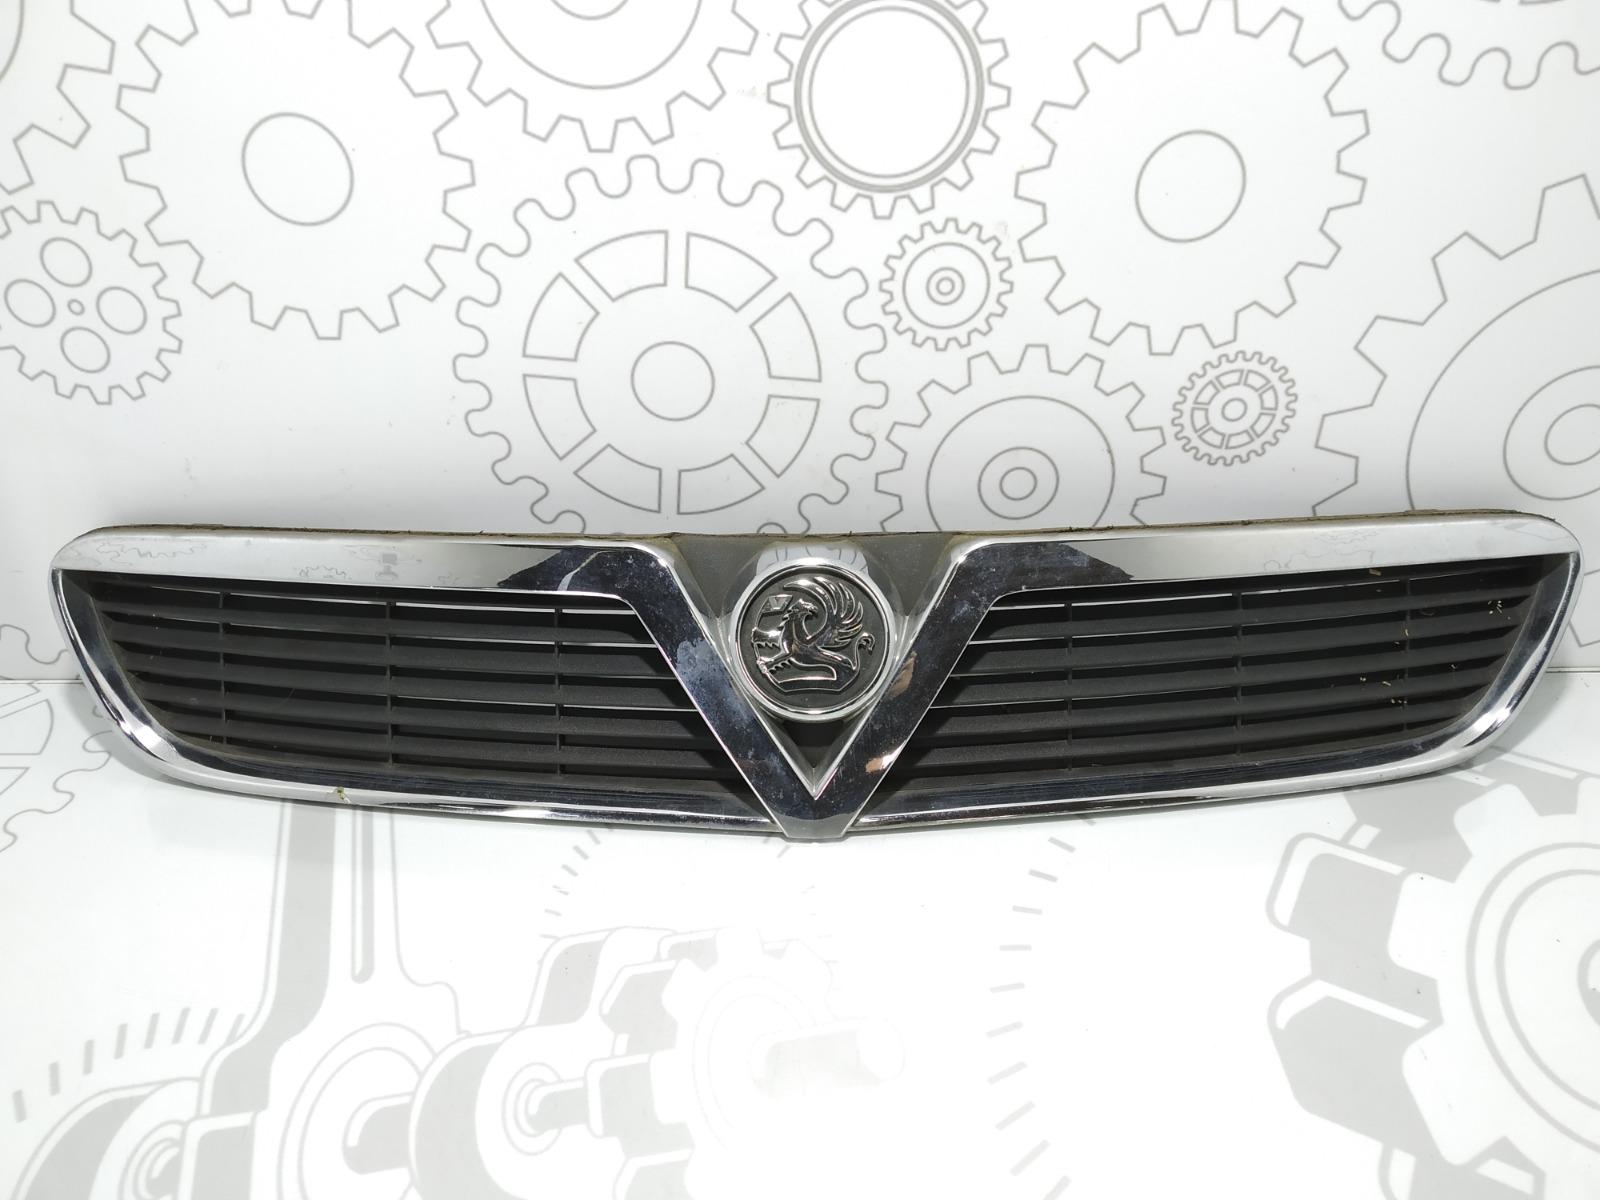 Решетка радиатора Opel Vectra C 2.2 I 2002 (б/у)